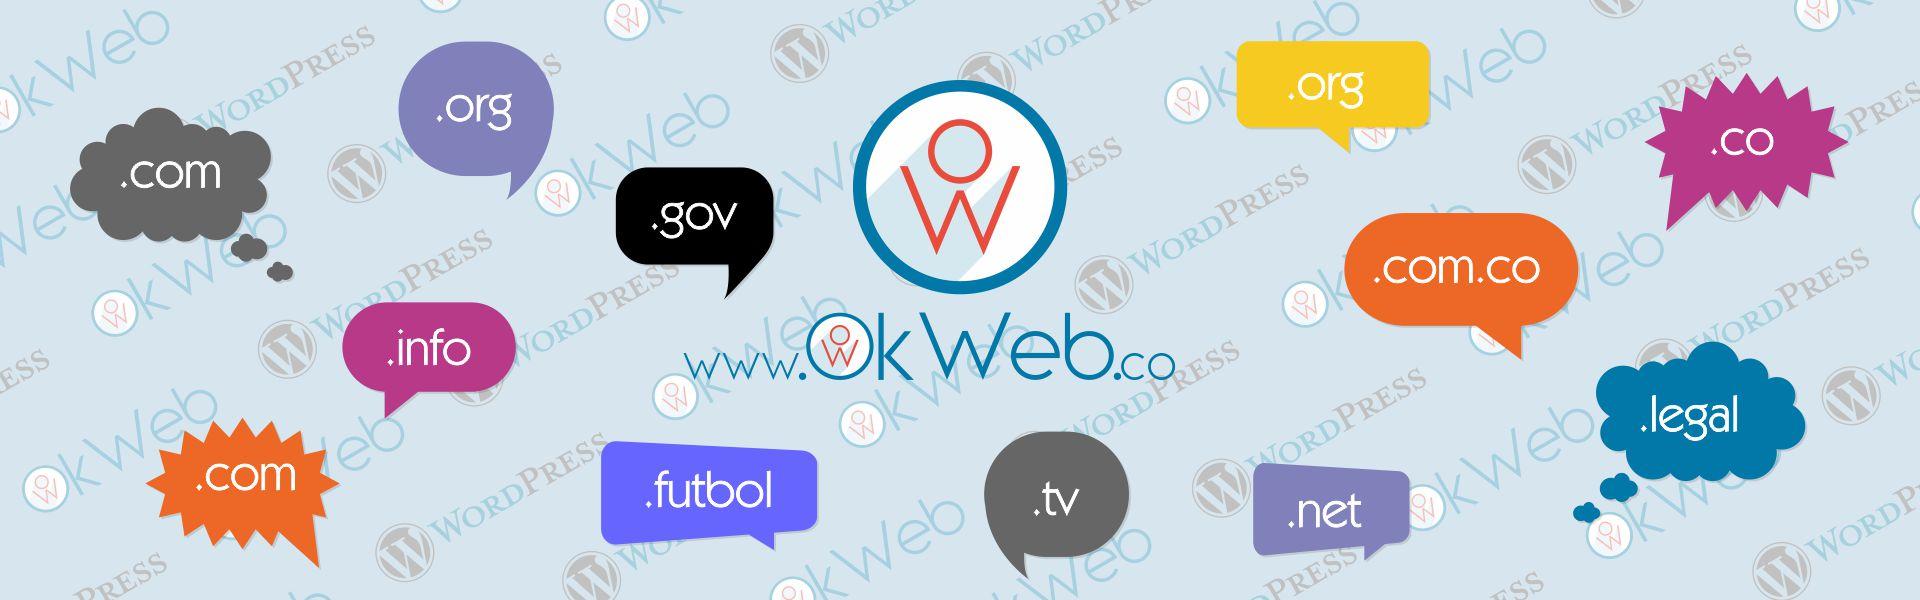 Algunos tipos de dominio disponibles en internet para un sitio o página web